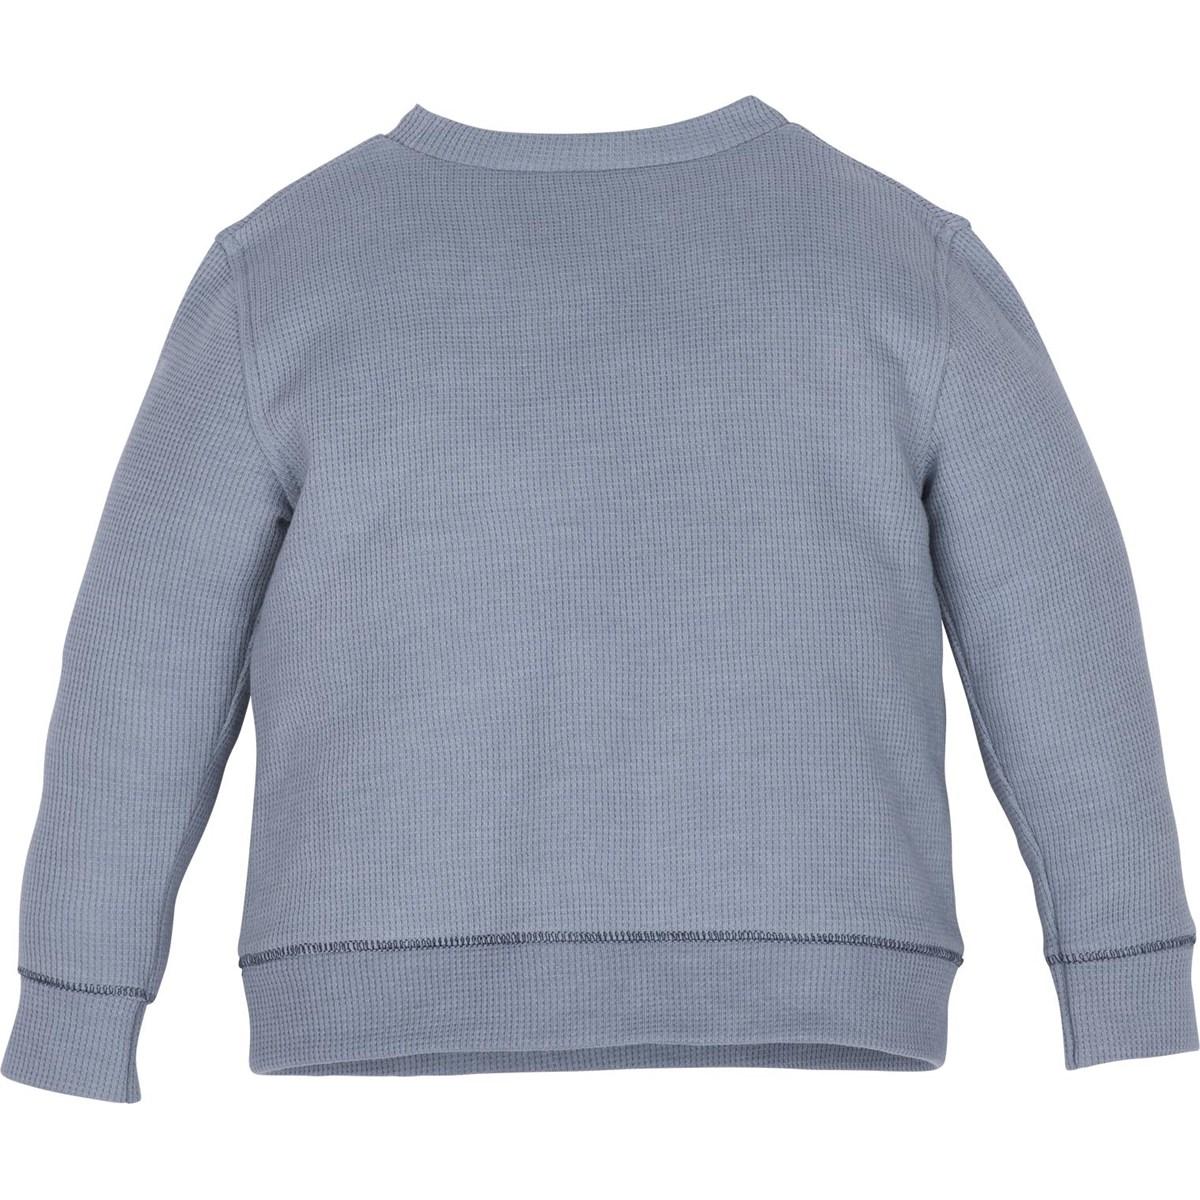 12666 Sweatshirt 2